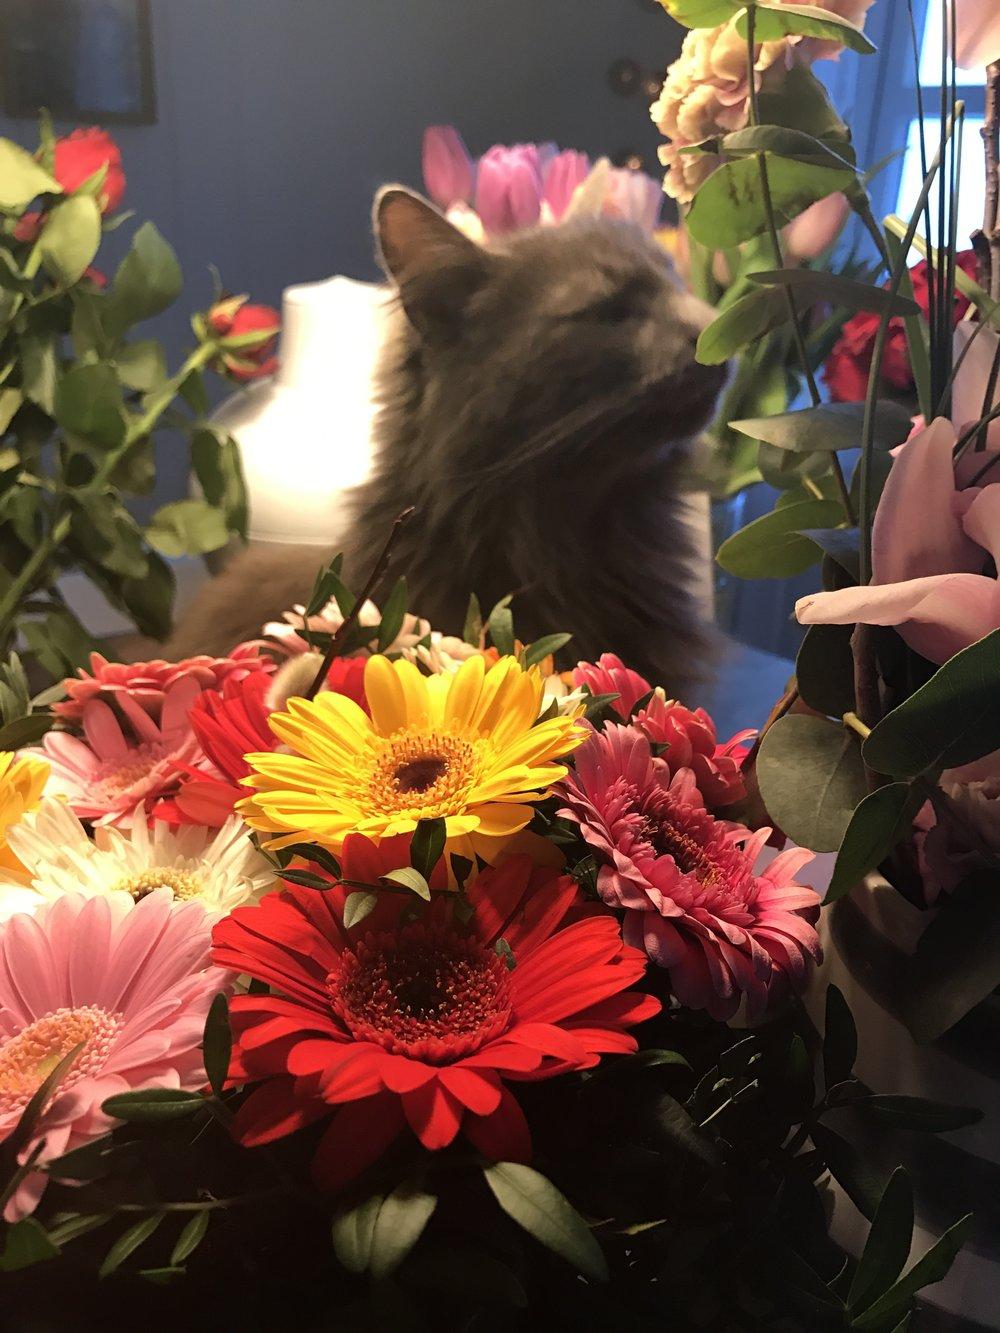 Et blomsterhav av gratulasjoner!! Katten vår lukter lukter på blomstene.